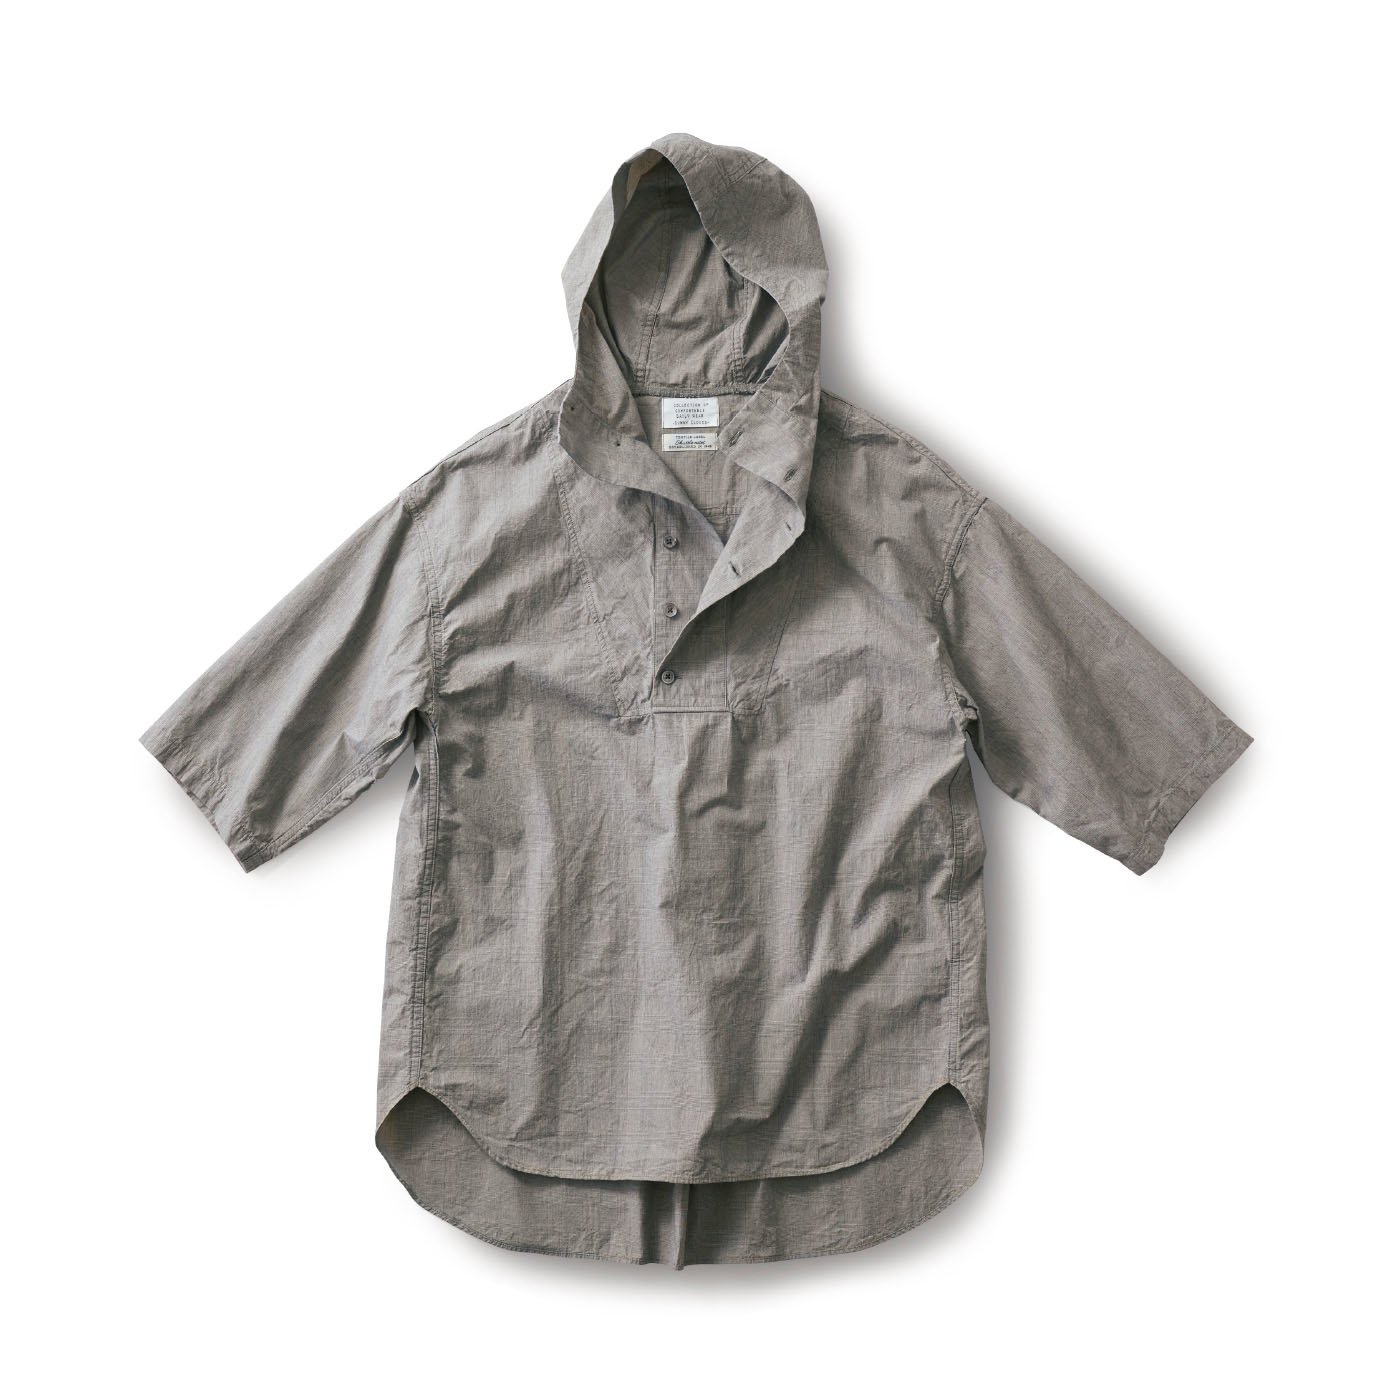 サニークラウズ feat. Shuttle Notes パーカーになりたかったシャツ〈メンズ〉